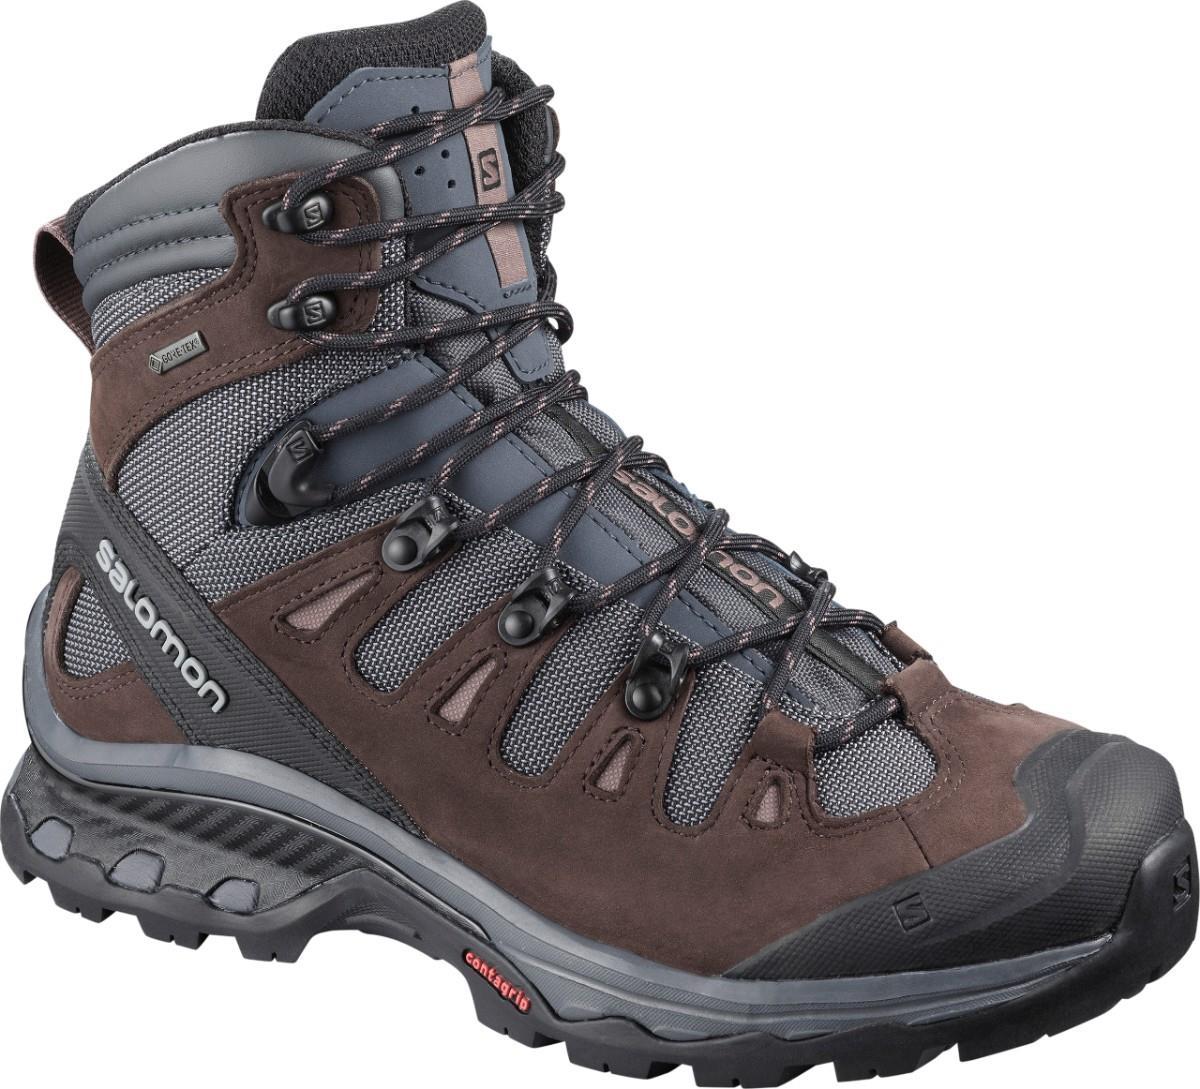 Salomon QUEST 4D 3 GTX Bayan Ayakkabısı L40798500